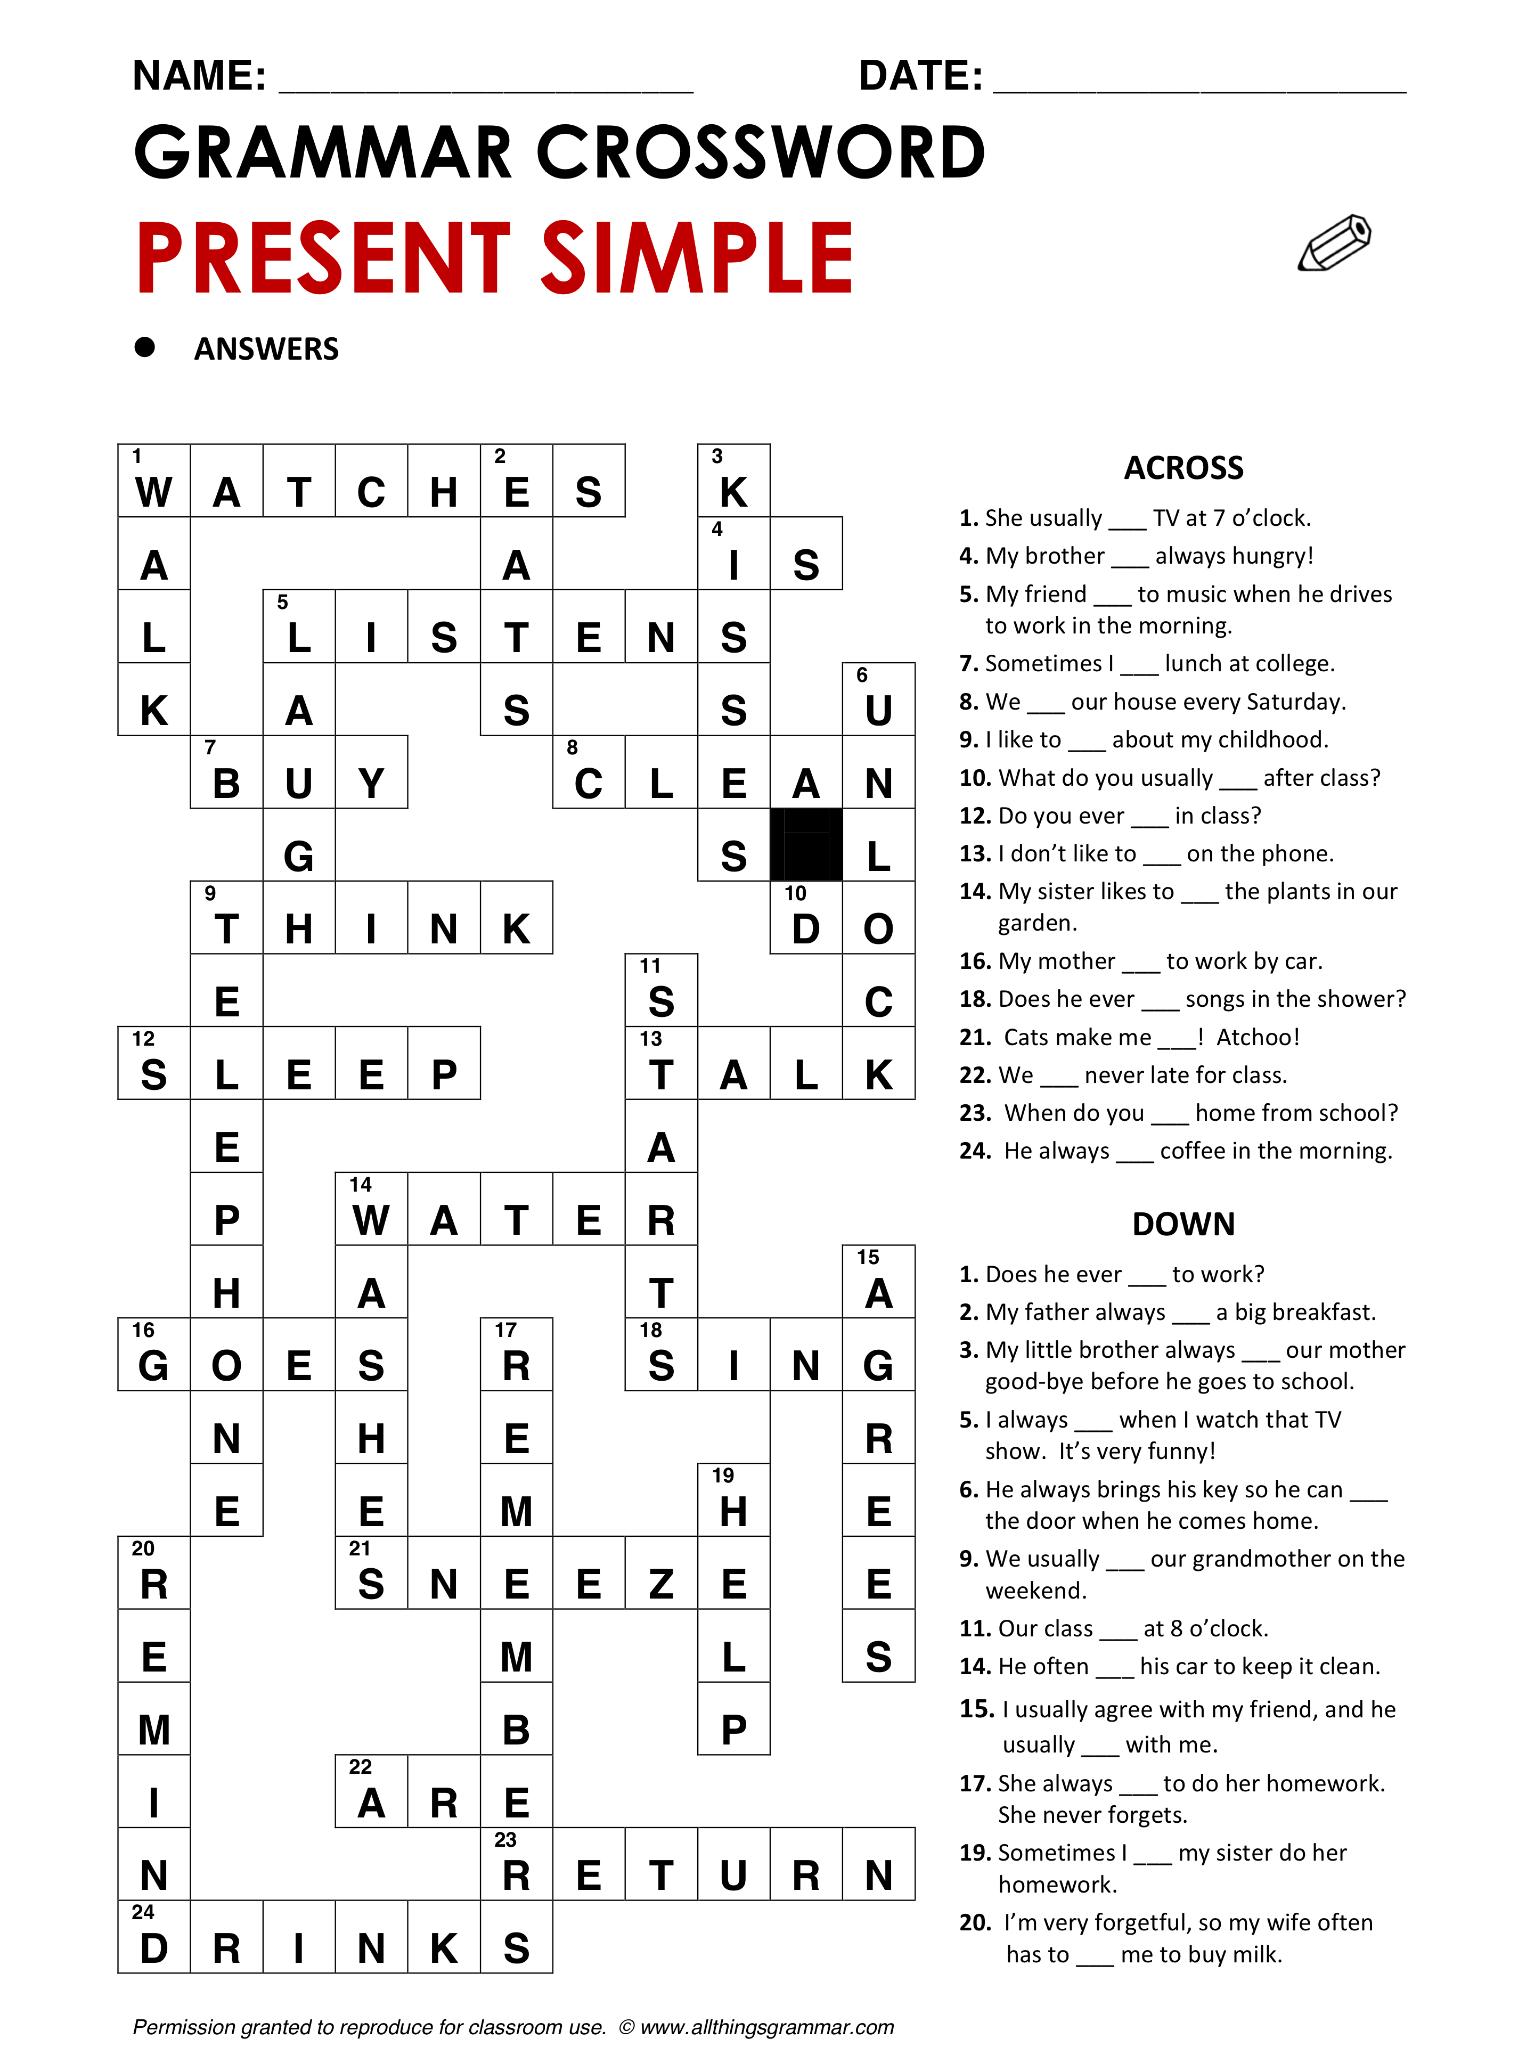 Grammar Crossword Present Simple Resuelto